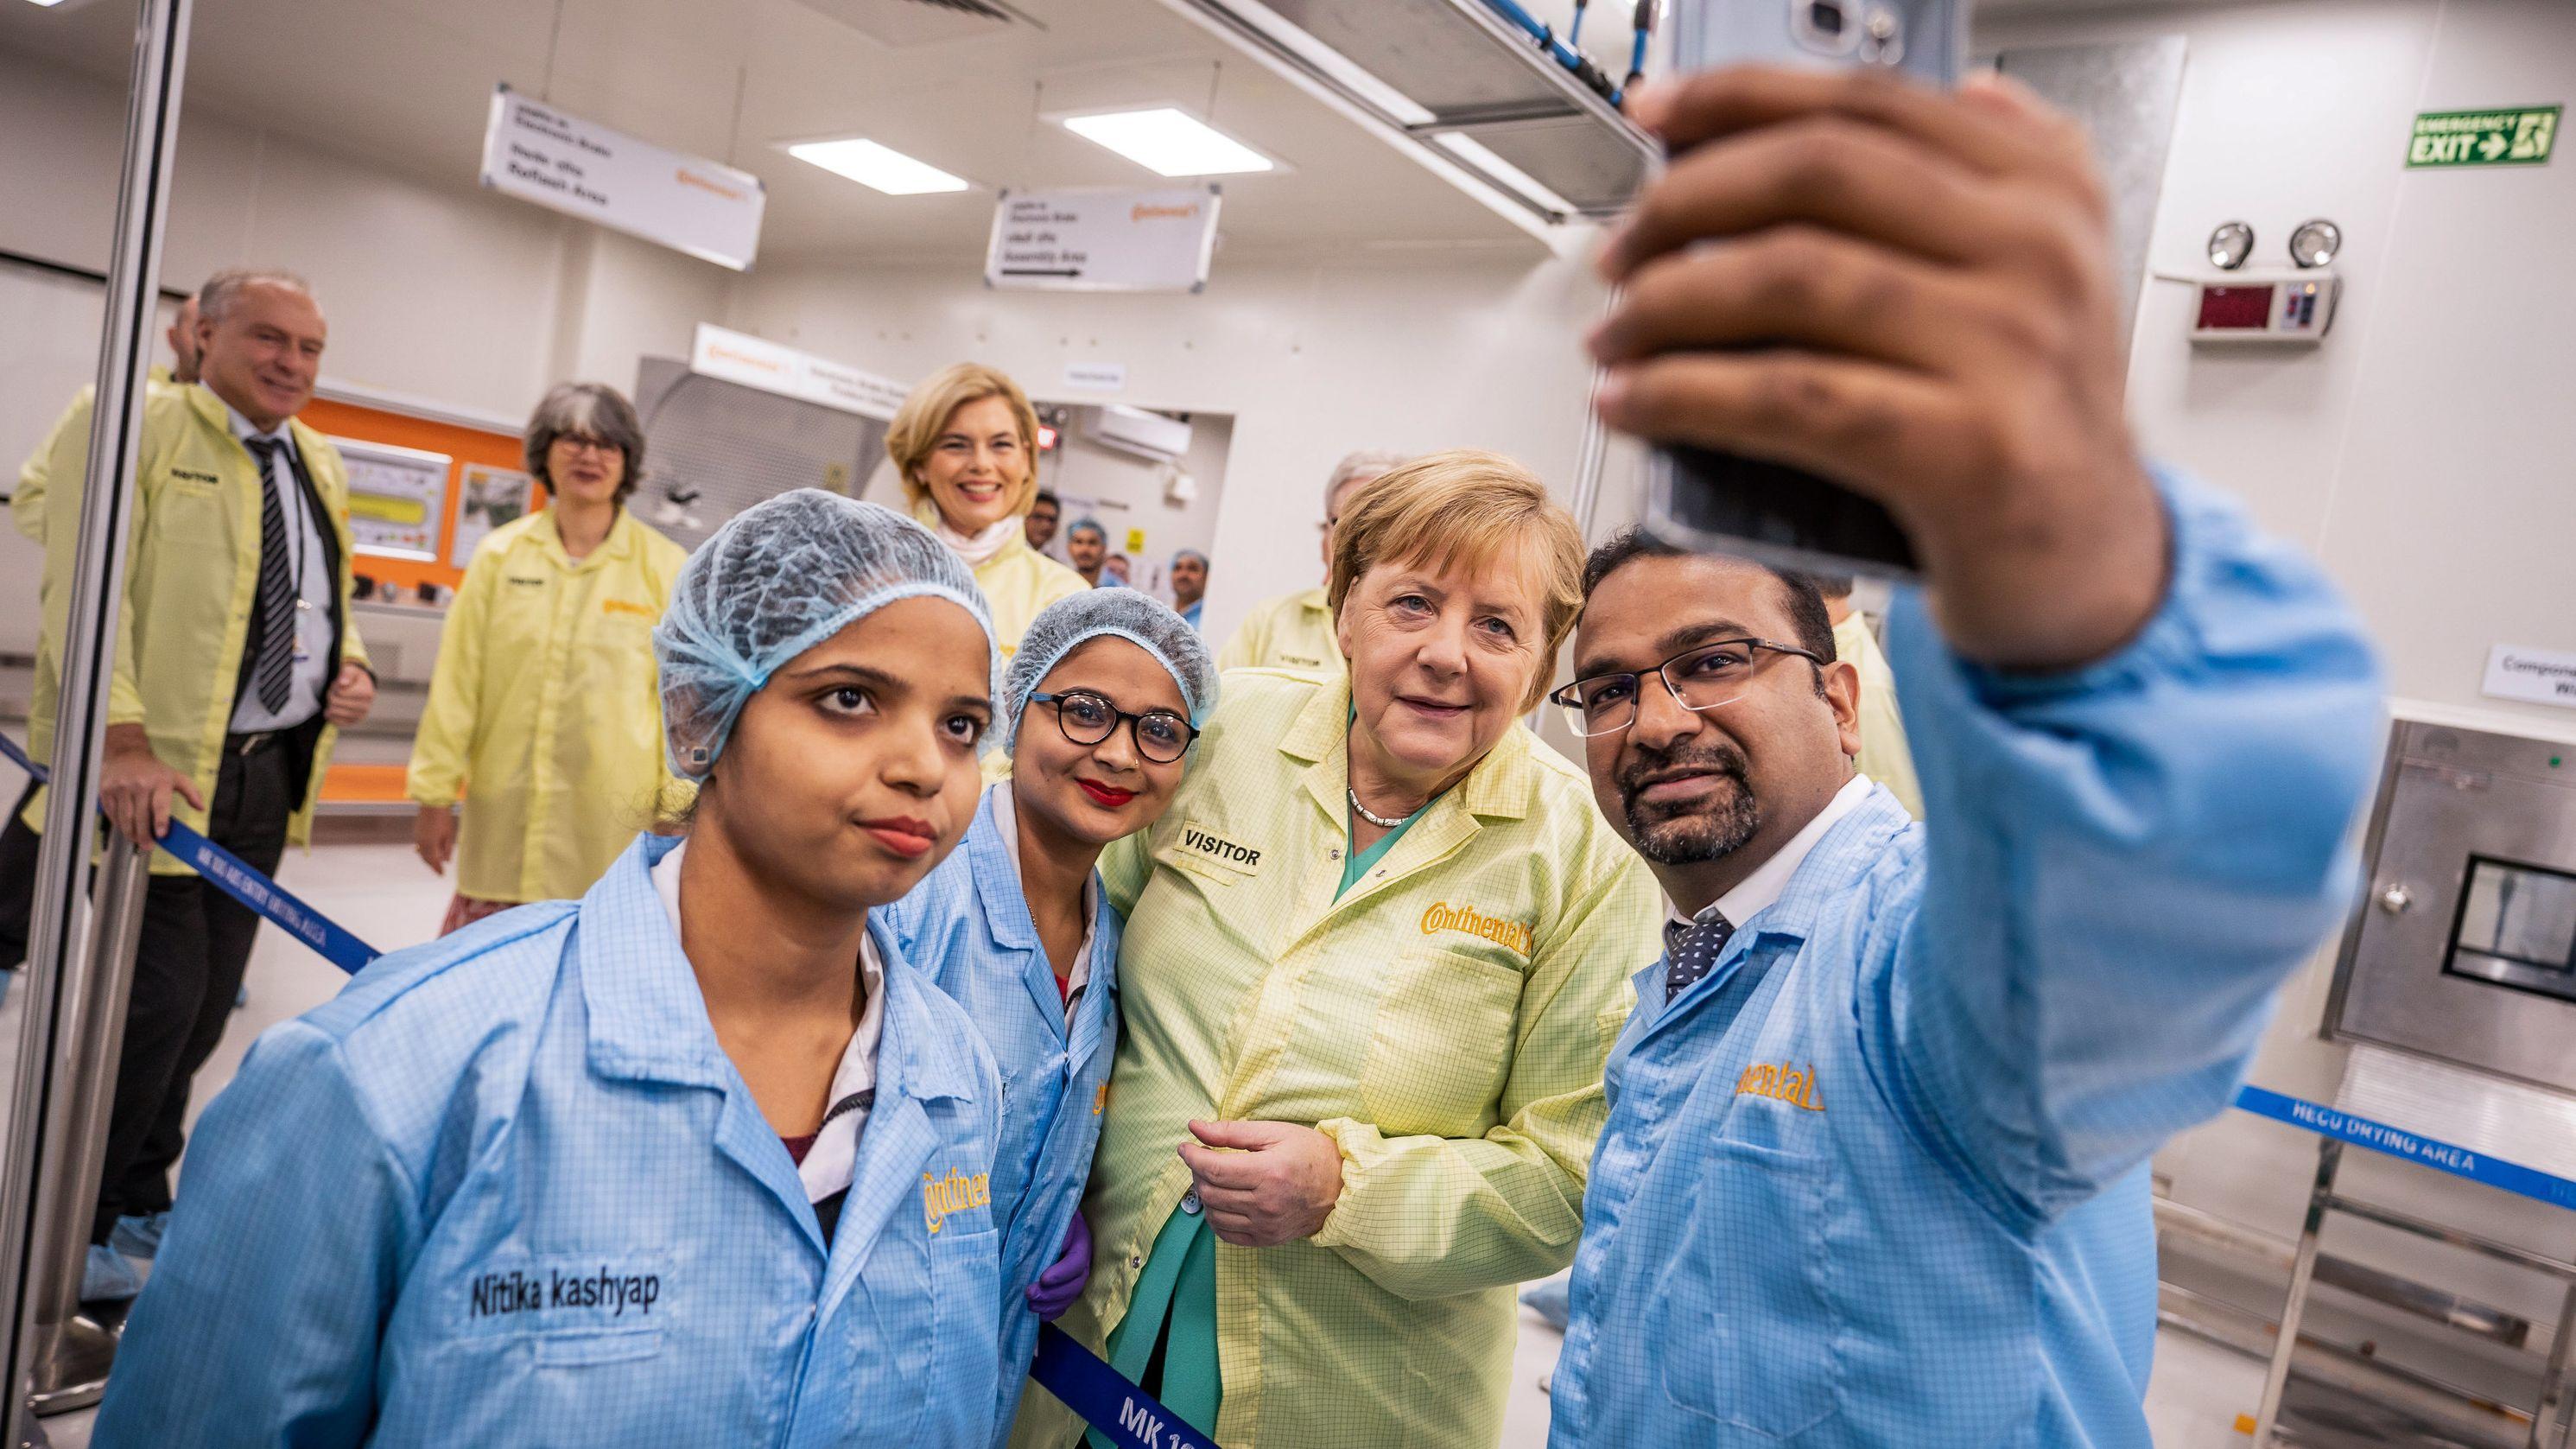 Bundeskanzlerin Angela Merkel (M, CDU), macht ein Selfie mit Mitarbeitern beim Besuch der Continental Automotive Components India.